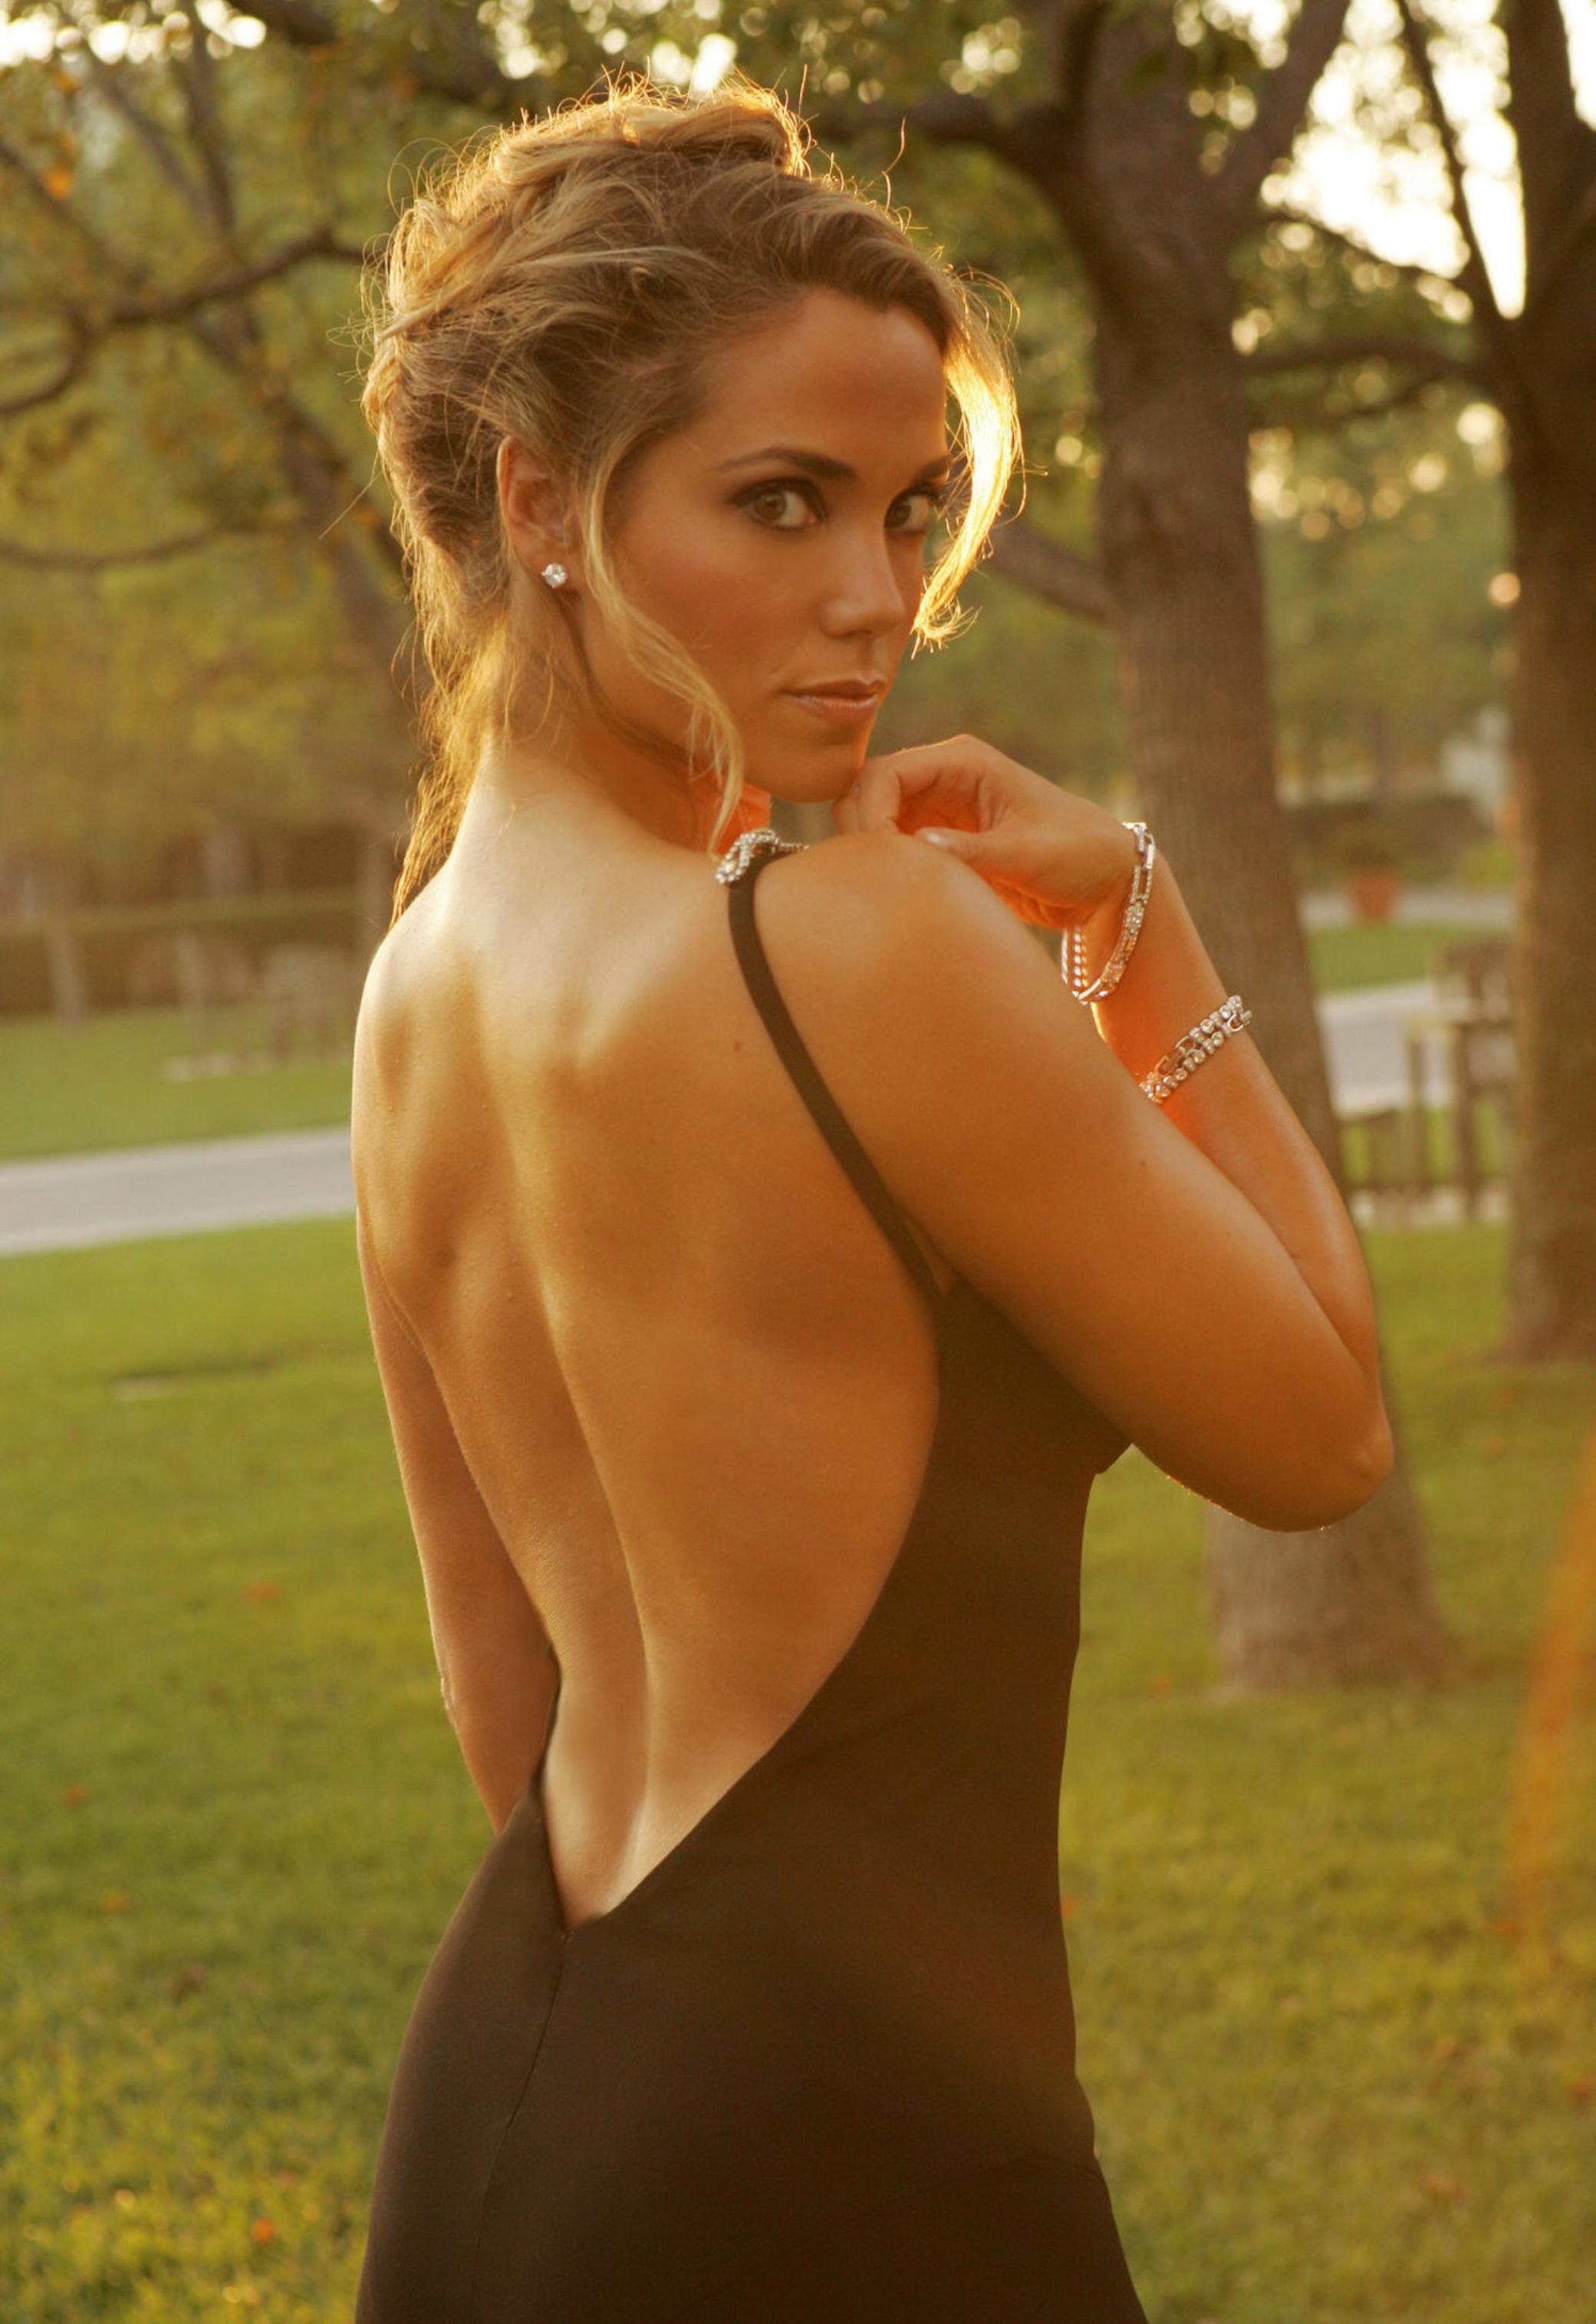 Mariah carey beautiful edited 8